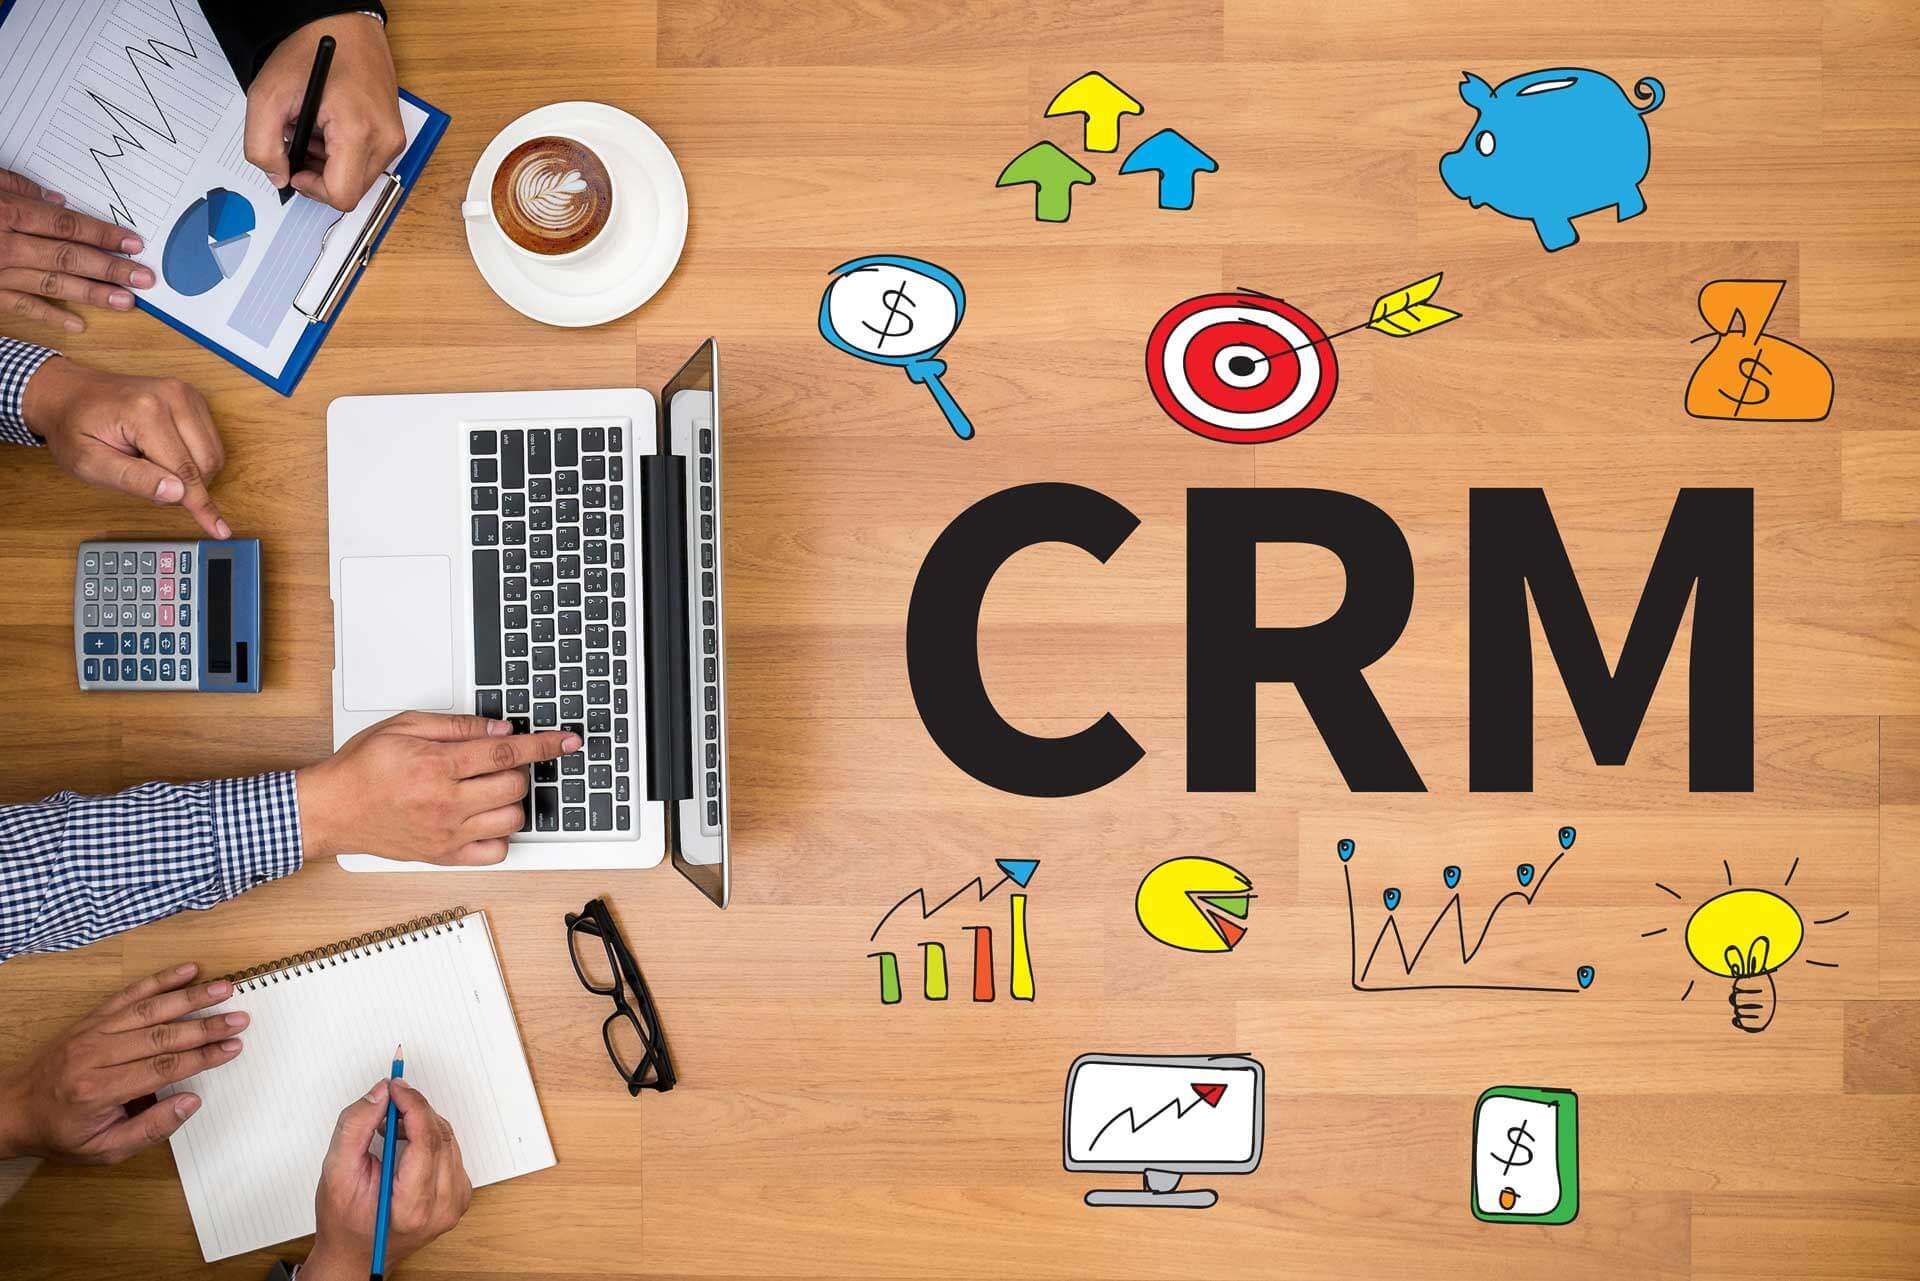 مدیریت ارتباط با مشتریان در سال 2019